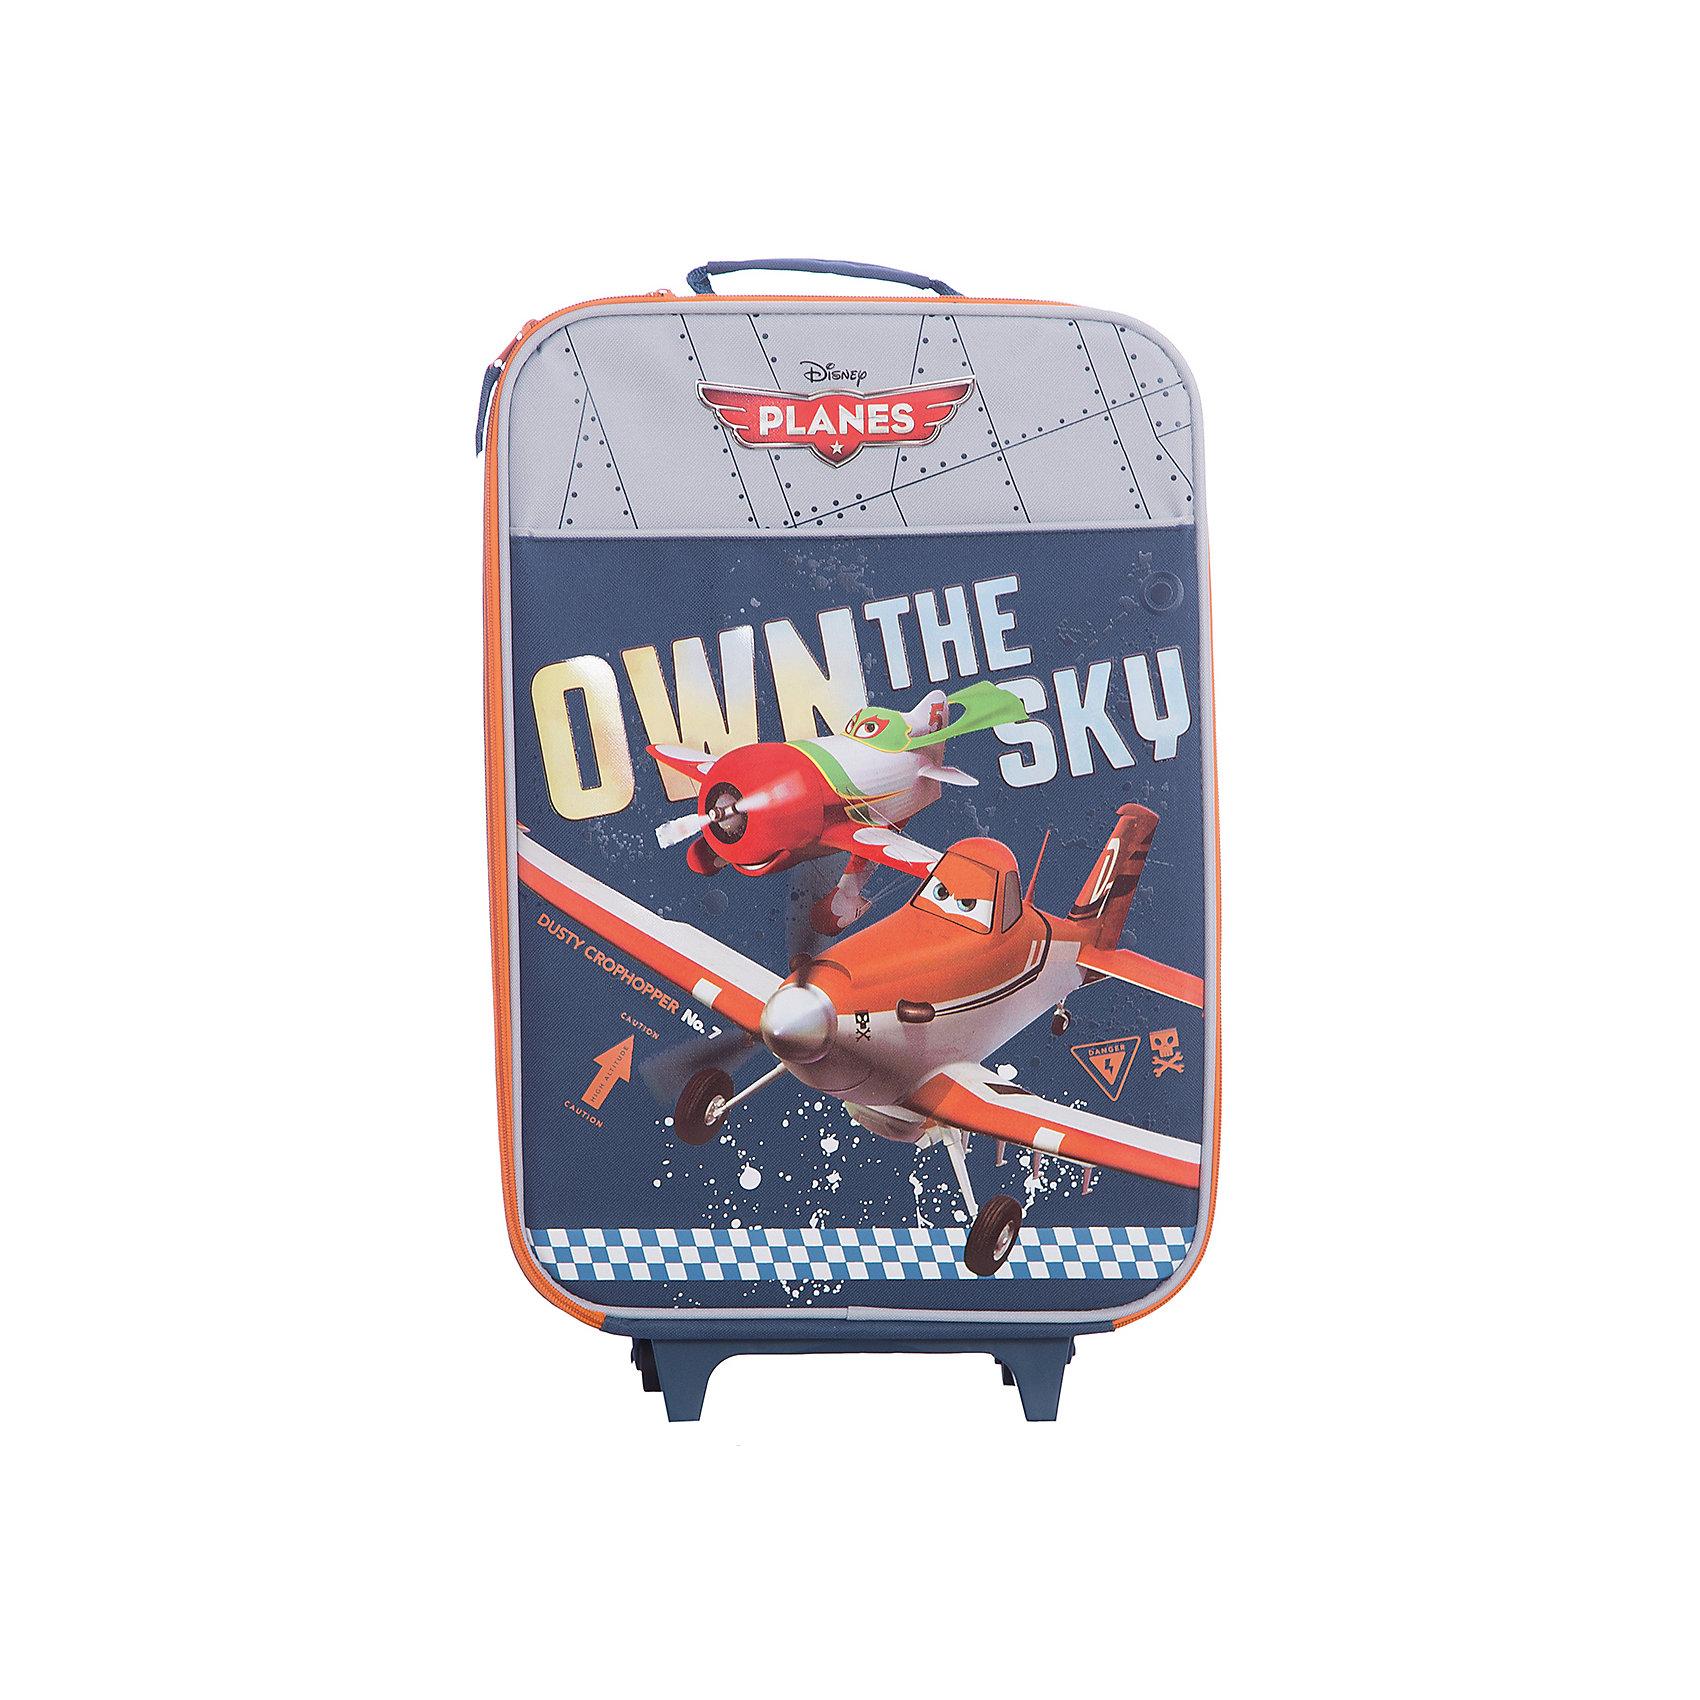 Чемодан на роликах, СамолетыДорожные сумки и чемоданы<br>Чемодан на роликах Самолеты (Planes) отличается прочностью и надежностью, это  идеальный вариант для путешествий. Чемодан оснащен жестким каркасом, укрепленным алюминиевым контуром и пластиковыми вставками. Детали складной тележки выполнены из металла, имеются два пластмассовых колеса и две опорные ножки.<br><br>Внутри чемодана одно большое отделение на молнии с лямками для крепления вещей. Пластмассовая рукоятка имеет анатомический рельеф для ладони, на корпусе имеются также две тканевые ручки с дополнительным покрытием. Чемодан серой расцветки украшен принтом с изображением персонажа диснеевского мультфильма Самолеты.<br><br>Дополнительная информация:<br><br>- Материал: полиэстер.<br>- Размер: 47 х 33 х 13,5 см. <br><br><br>Чемодан на роликах Самолеты можно купить в нашем интернет-магазине.<br><br>Ширина мм: 470<br>Глубина мм: 330<br>Высота мм: 135<br>Вес г: 1500<br>Возраст от месяцев: 48<br>Возраст до месяцев: 84<br>Пол: Мужской<br>Возраст: Детский<br>SKU: 3563422